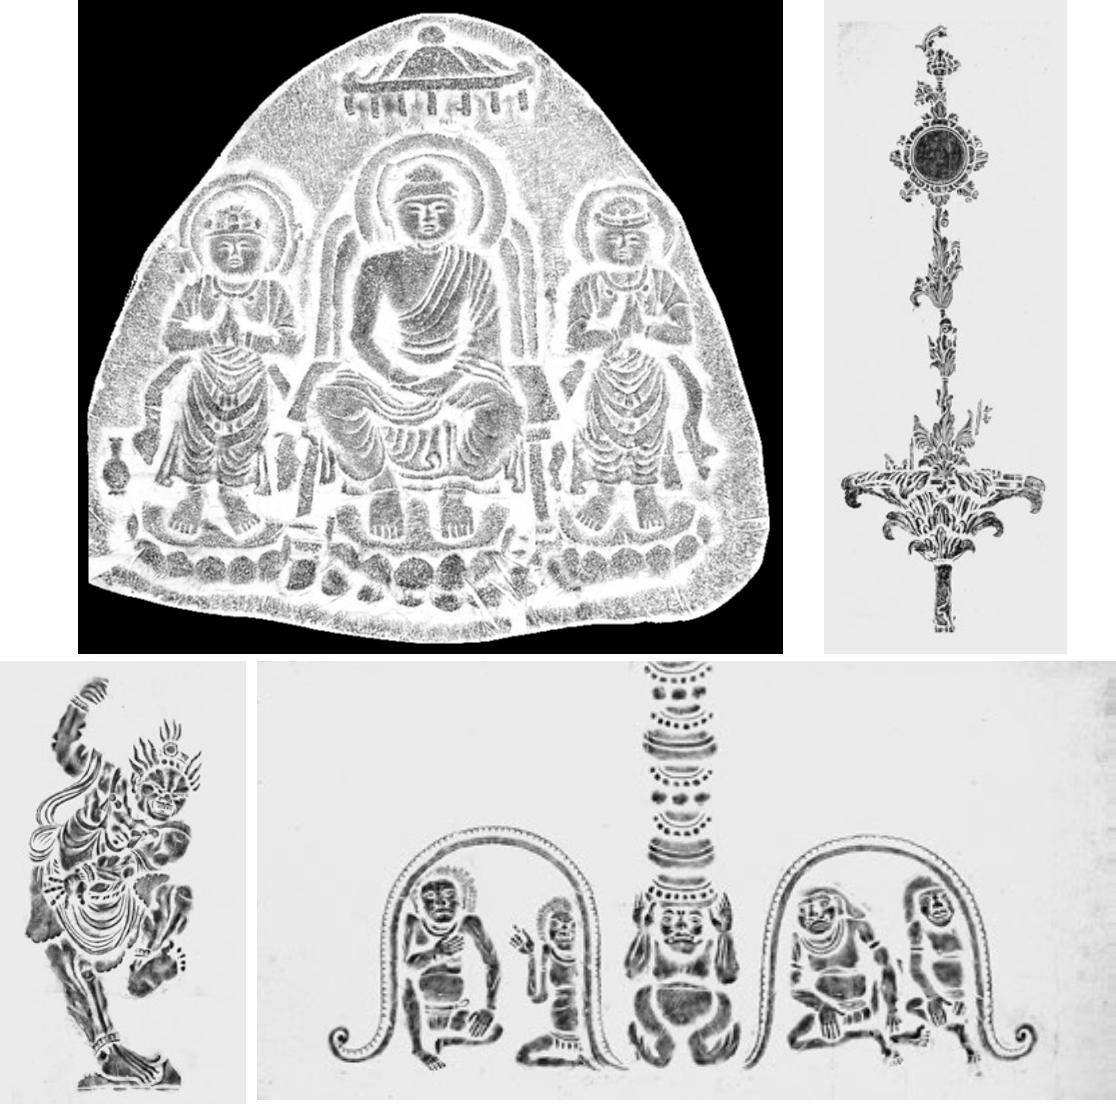 大和古寺の仏像・光背・装飾具のさまざまな拓本